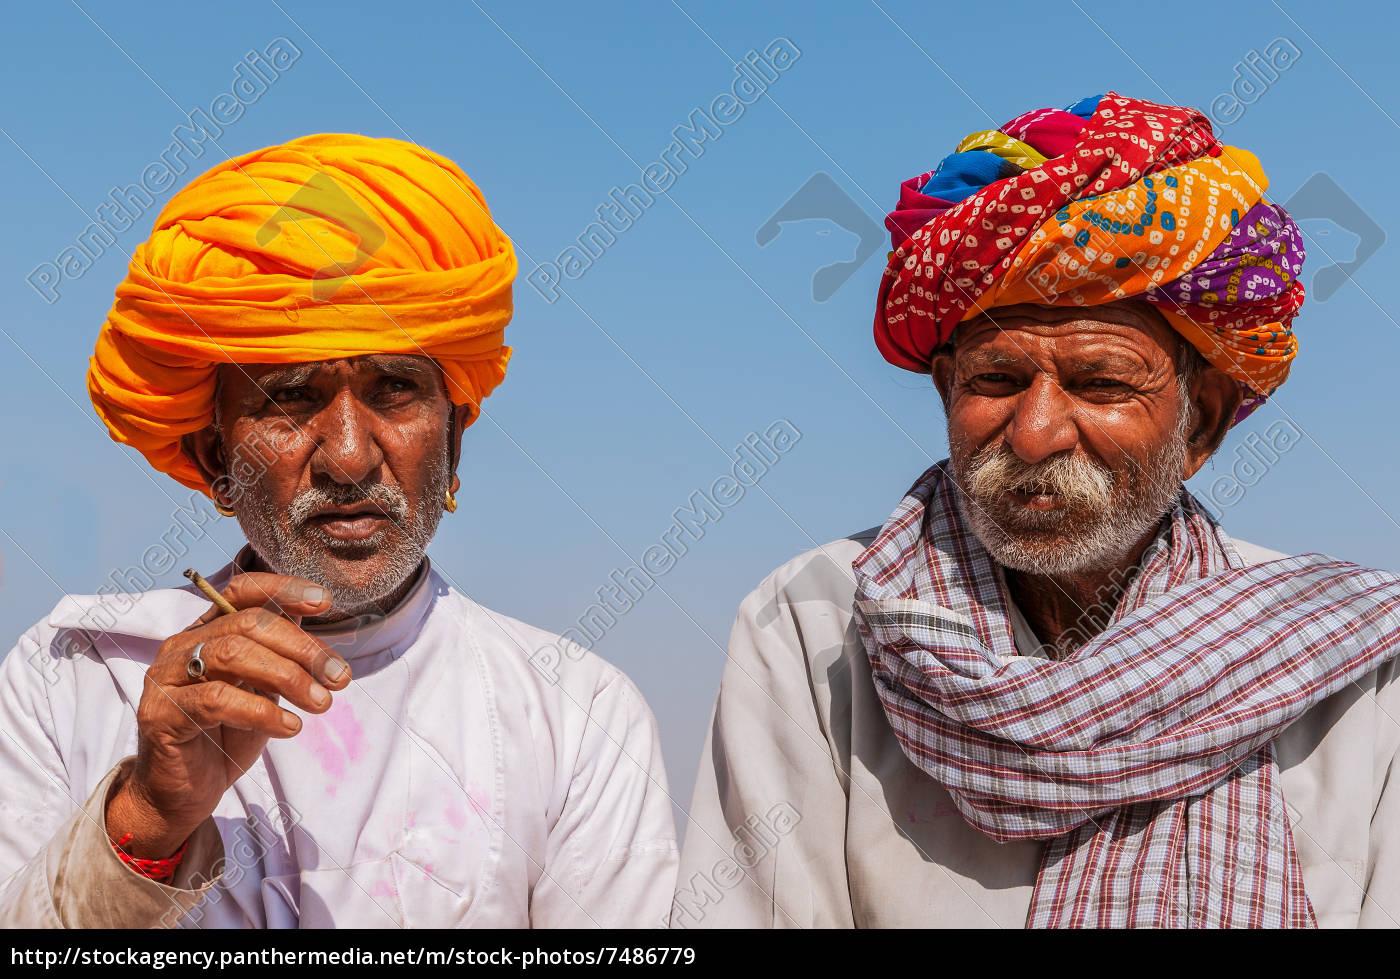 zwei, alte, inder, mit, bunten, turban - 7486779